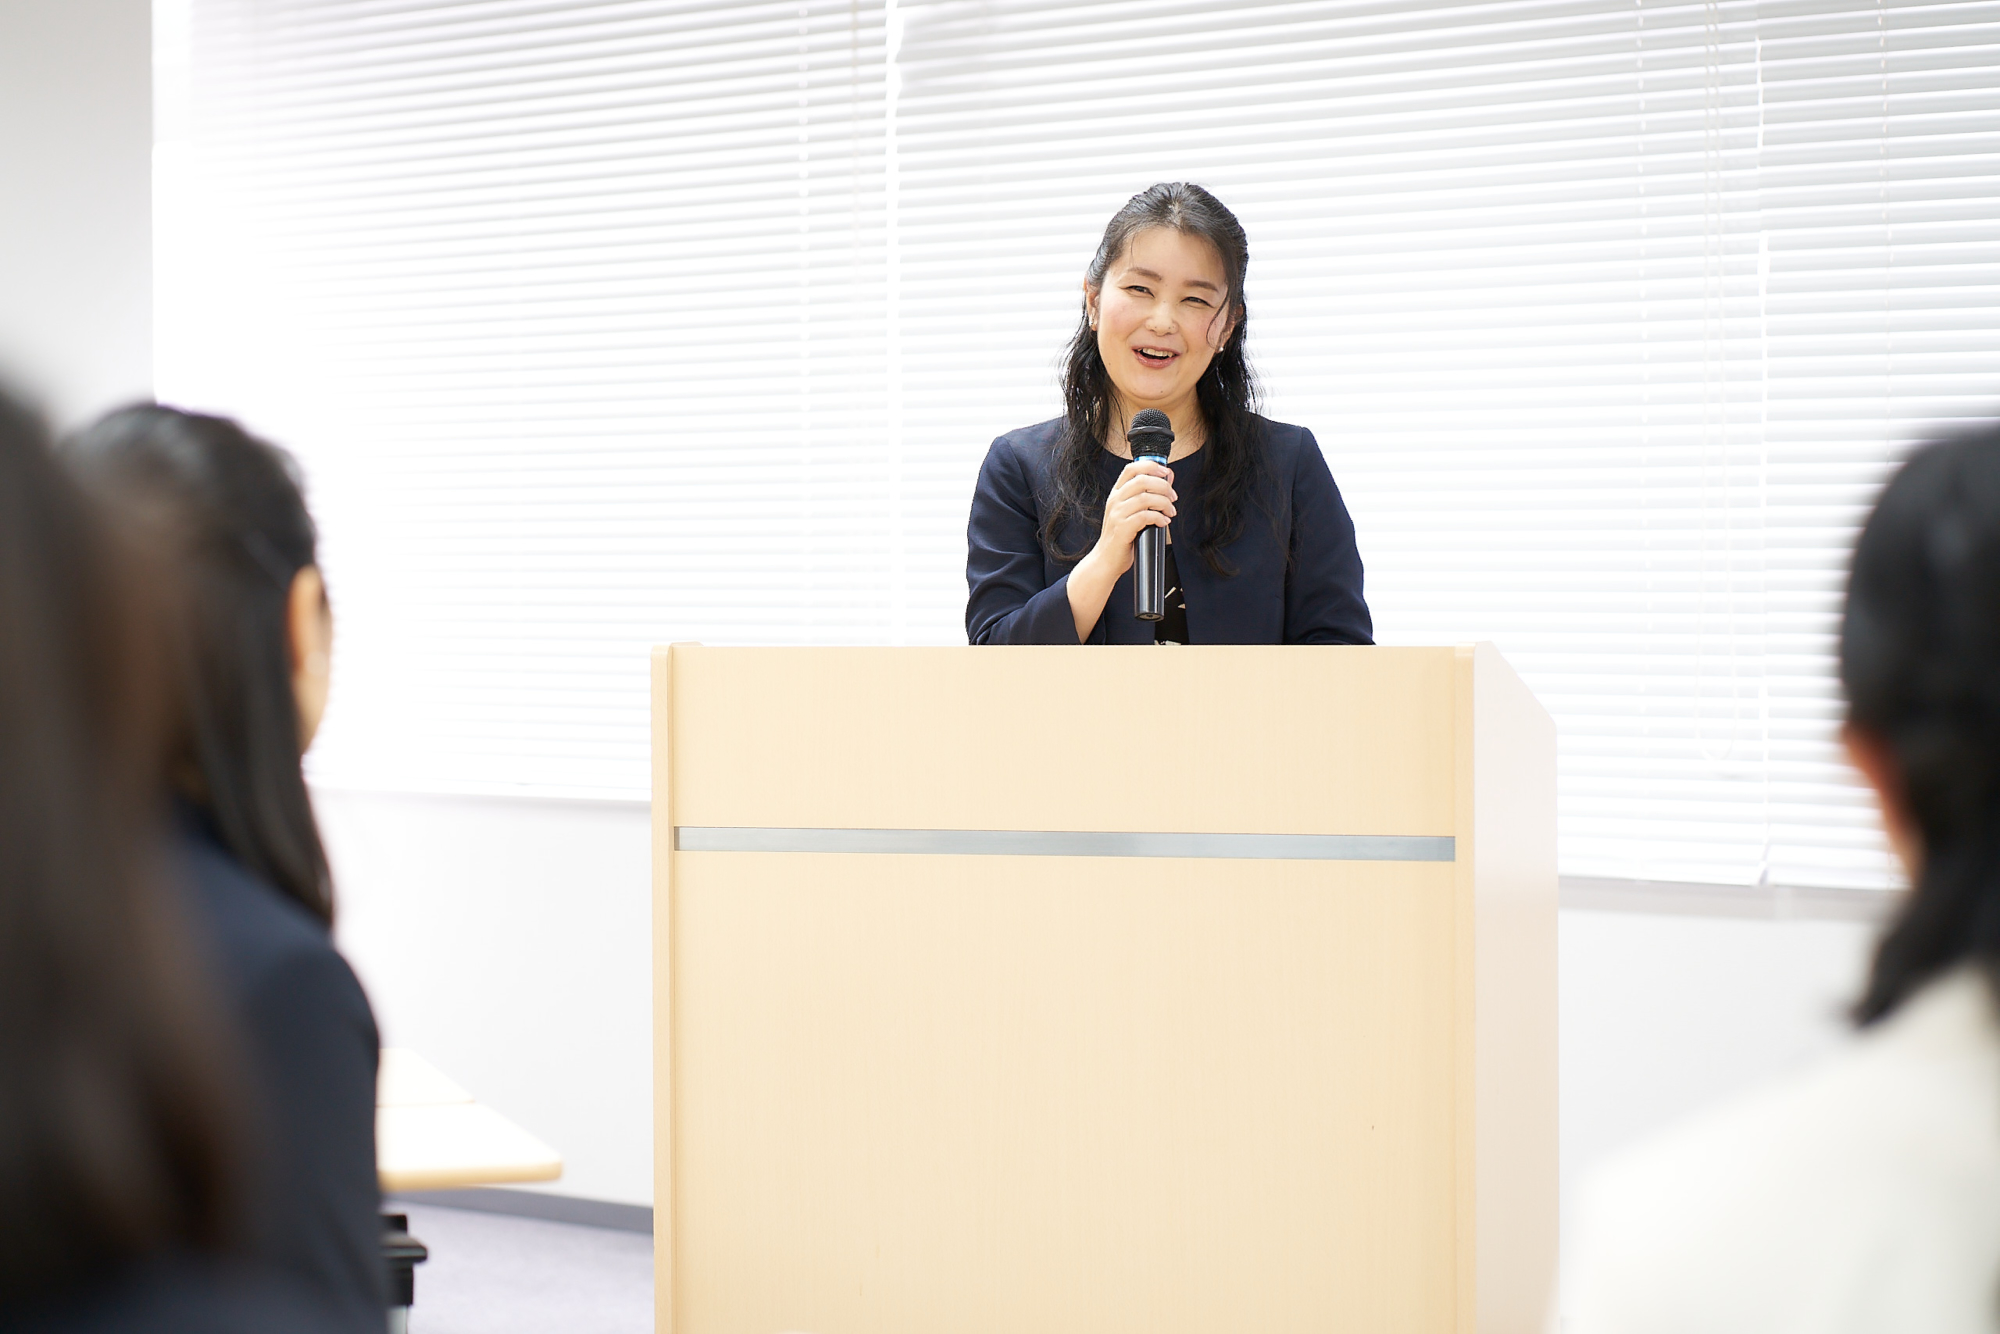 【2/7開催終了】大田区産業振興協会主催「人材確保・定着セミナー」